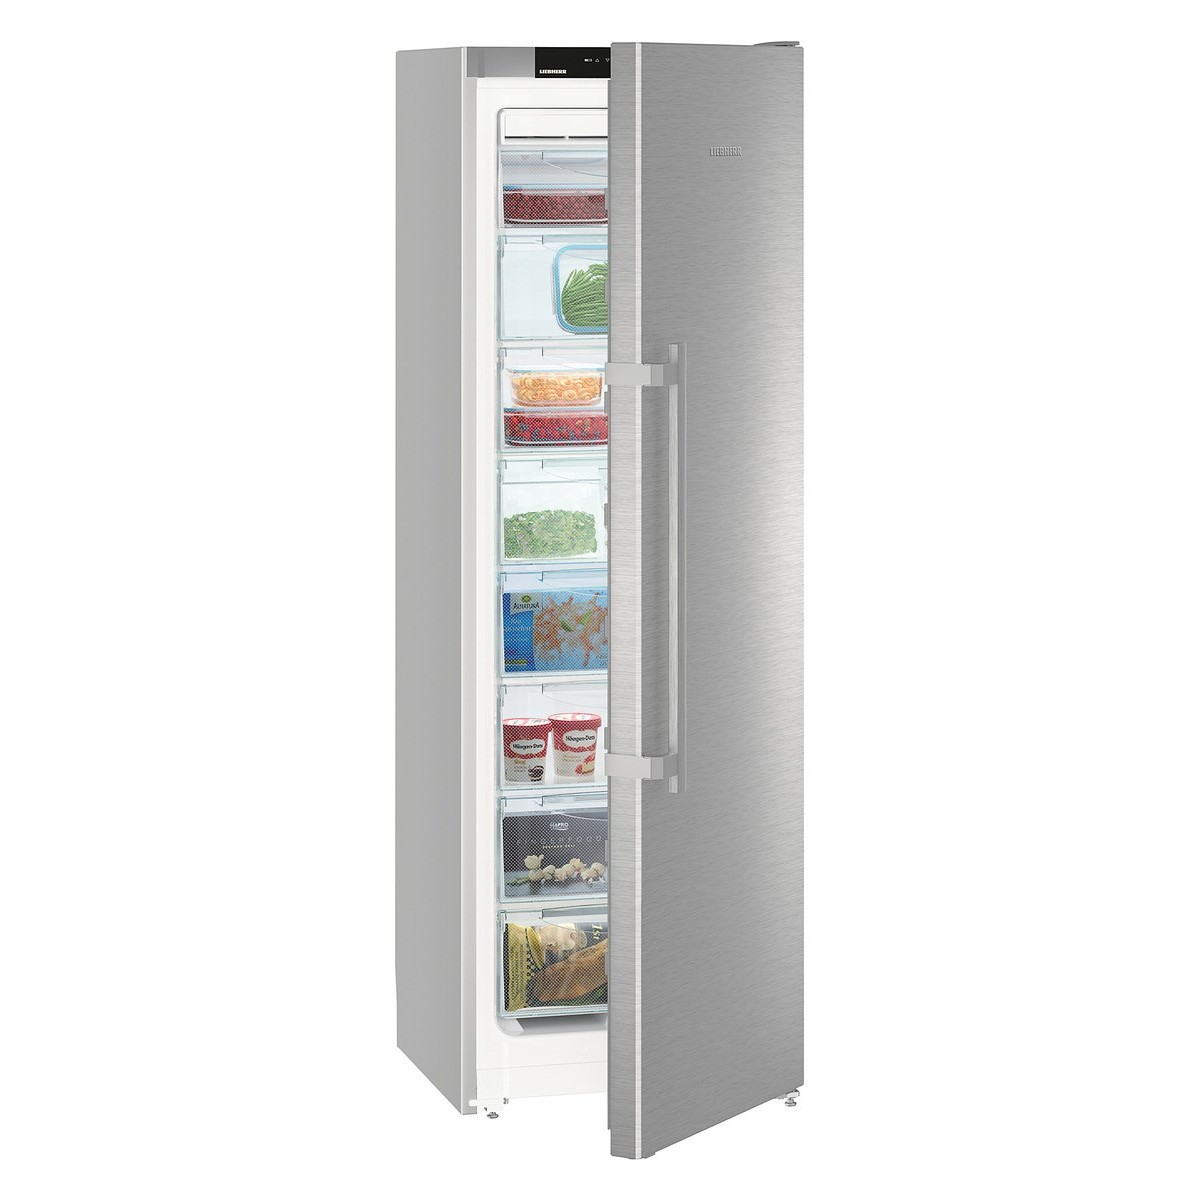 Congelador V Liebherr Sgnef3036-22 186cm Nf Inox A++